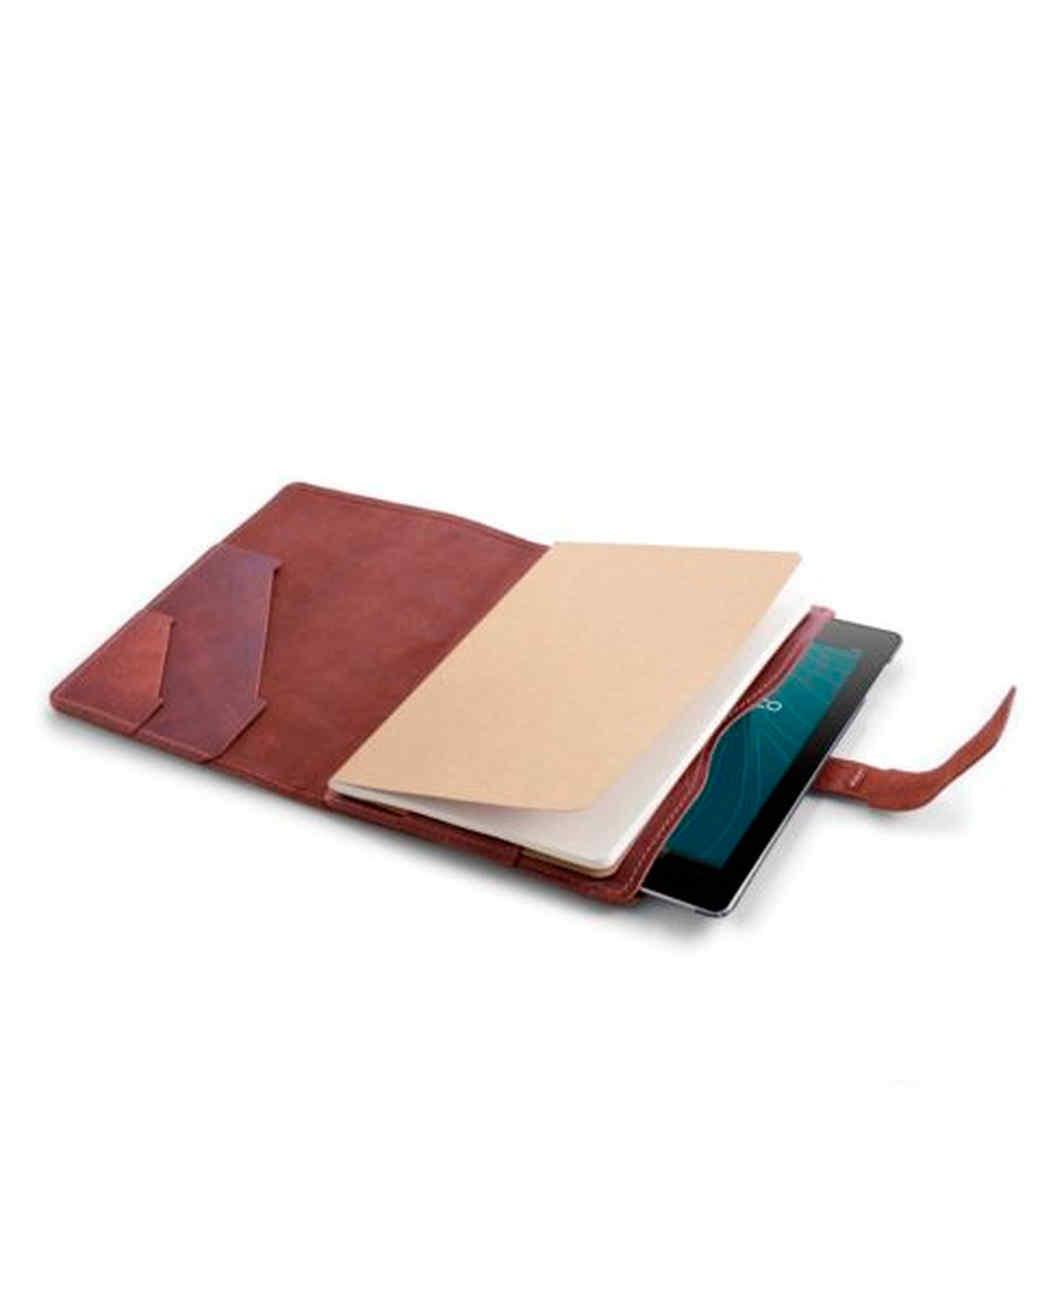 rustico-ipad-case-leather-ipad-sleeve-notebook-holder-buckle-closure-0914.jpg